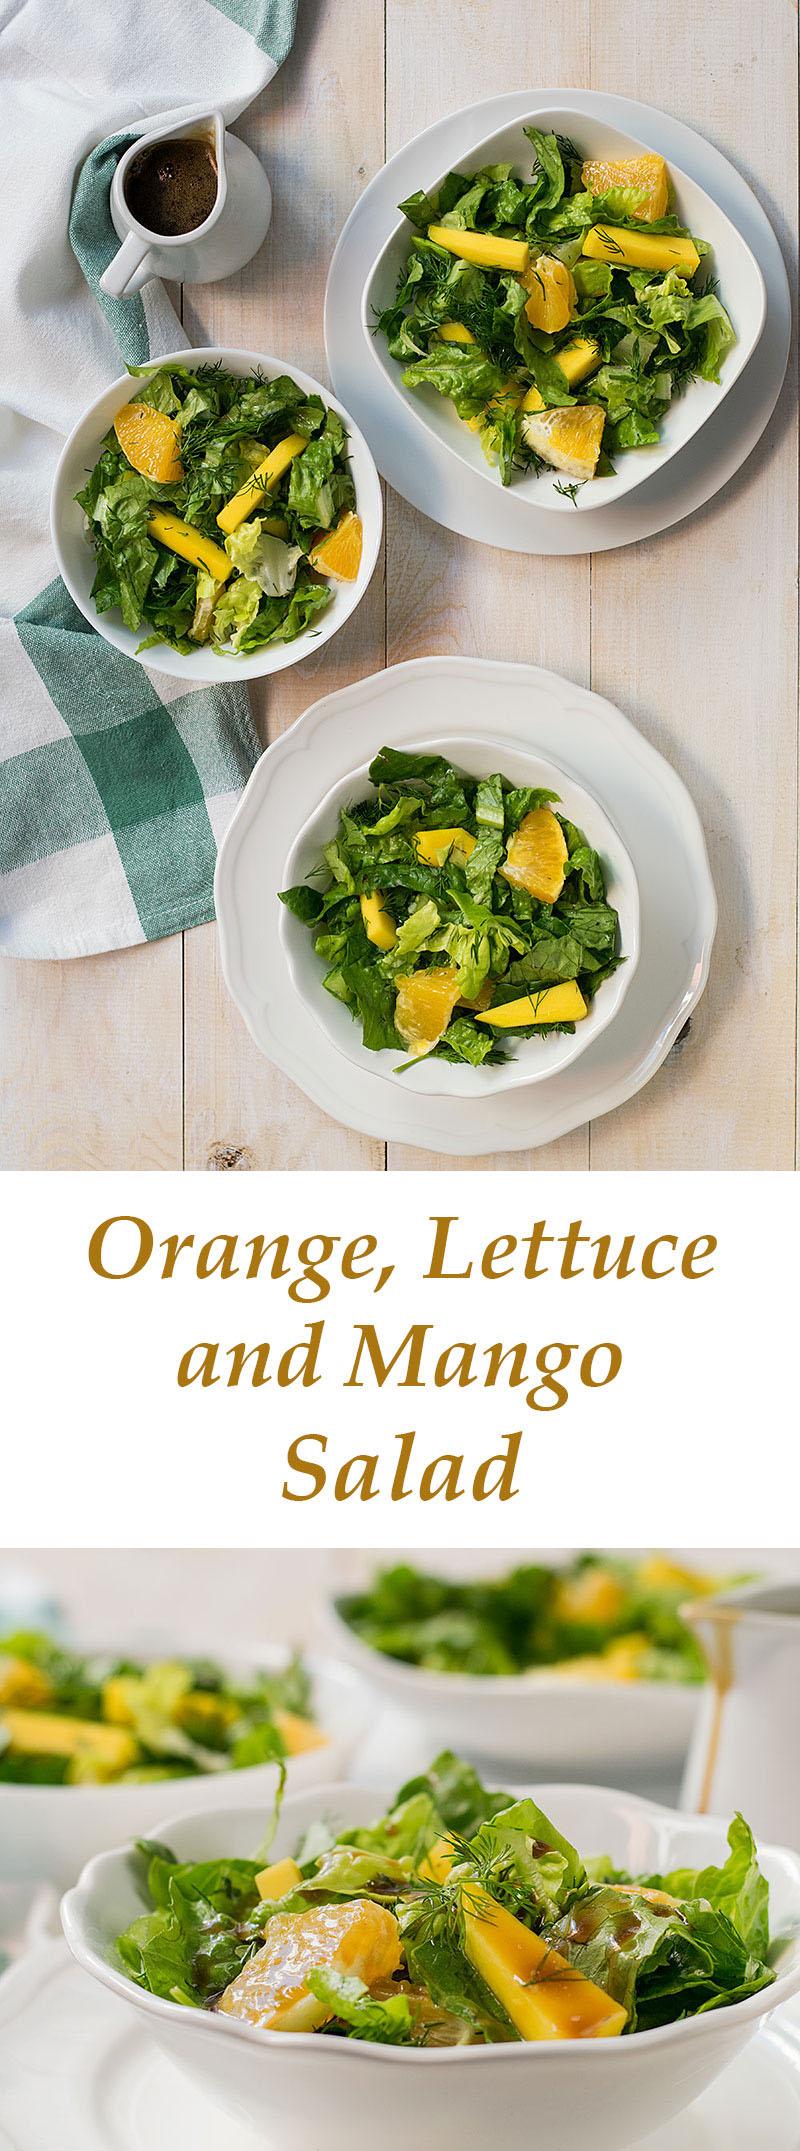 orange-lettuce-and-mango-salad-5